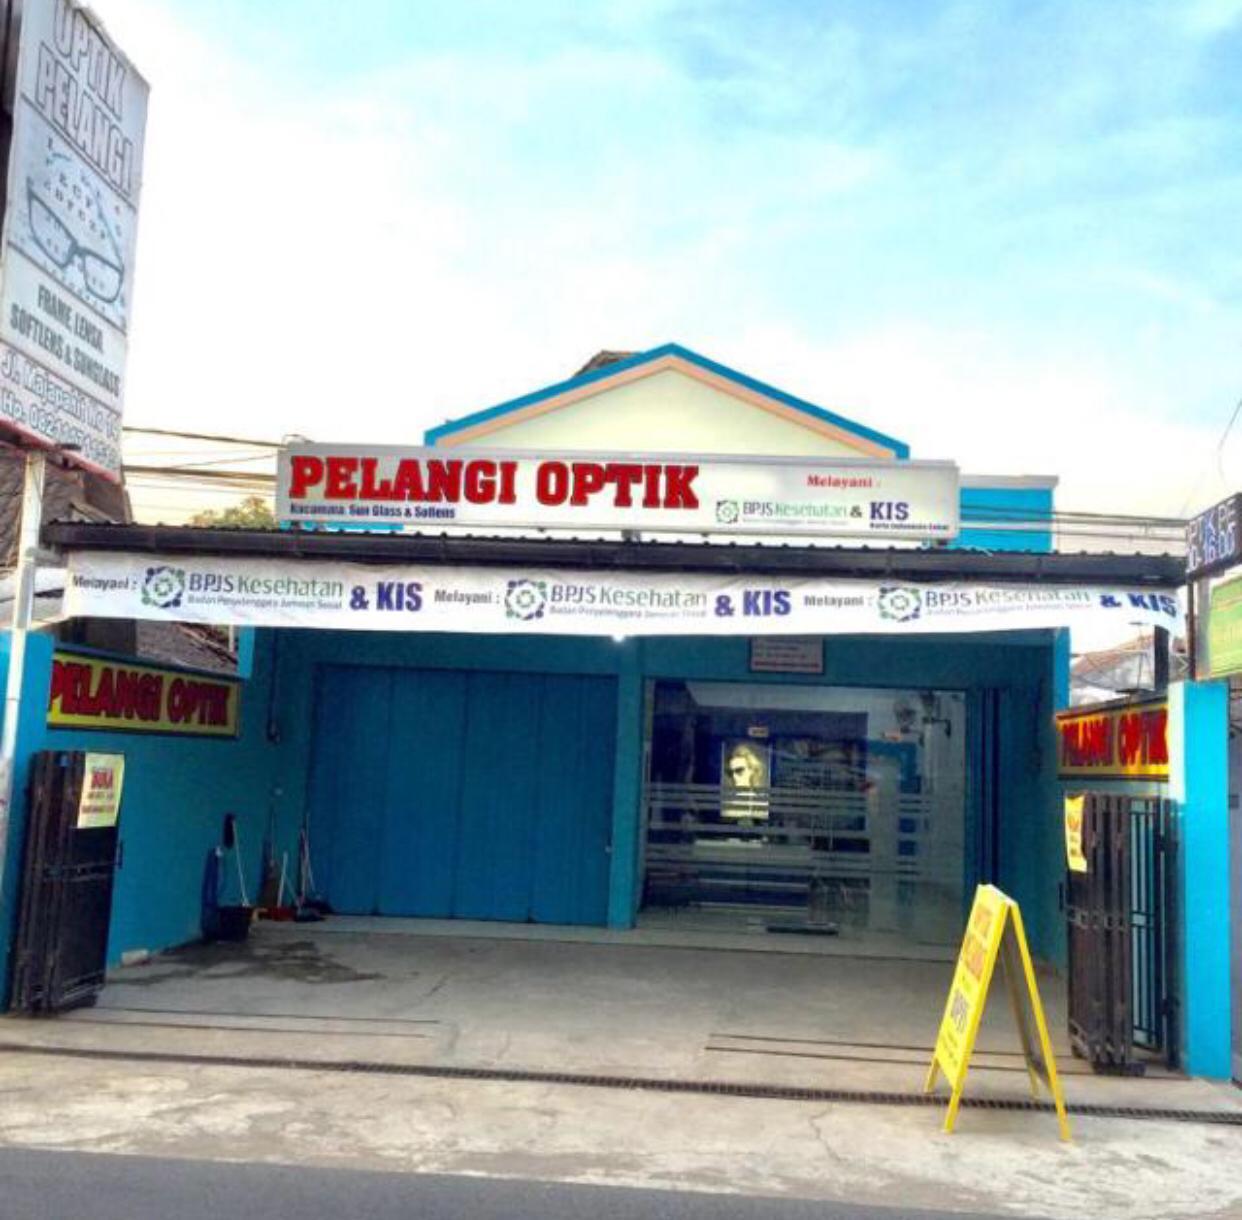 Optik Pelangi Rembang Melayani BPJS Dan KIS Buka Senin - Sabtu Jam 08.00 - 19.30